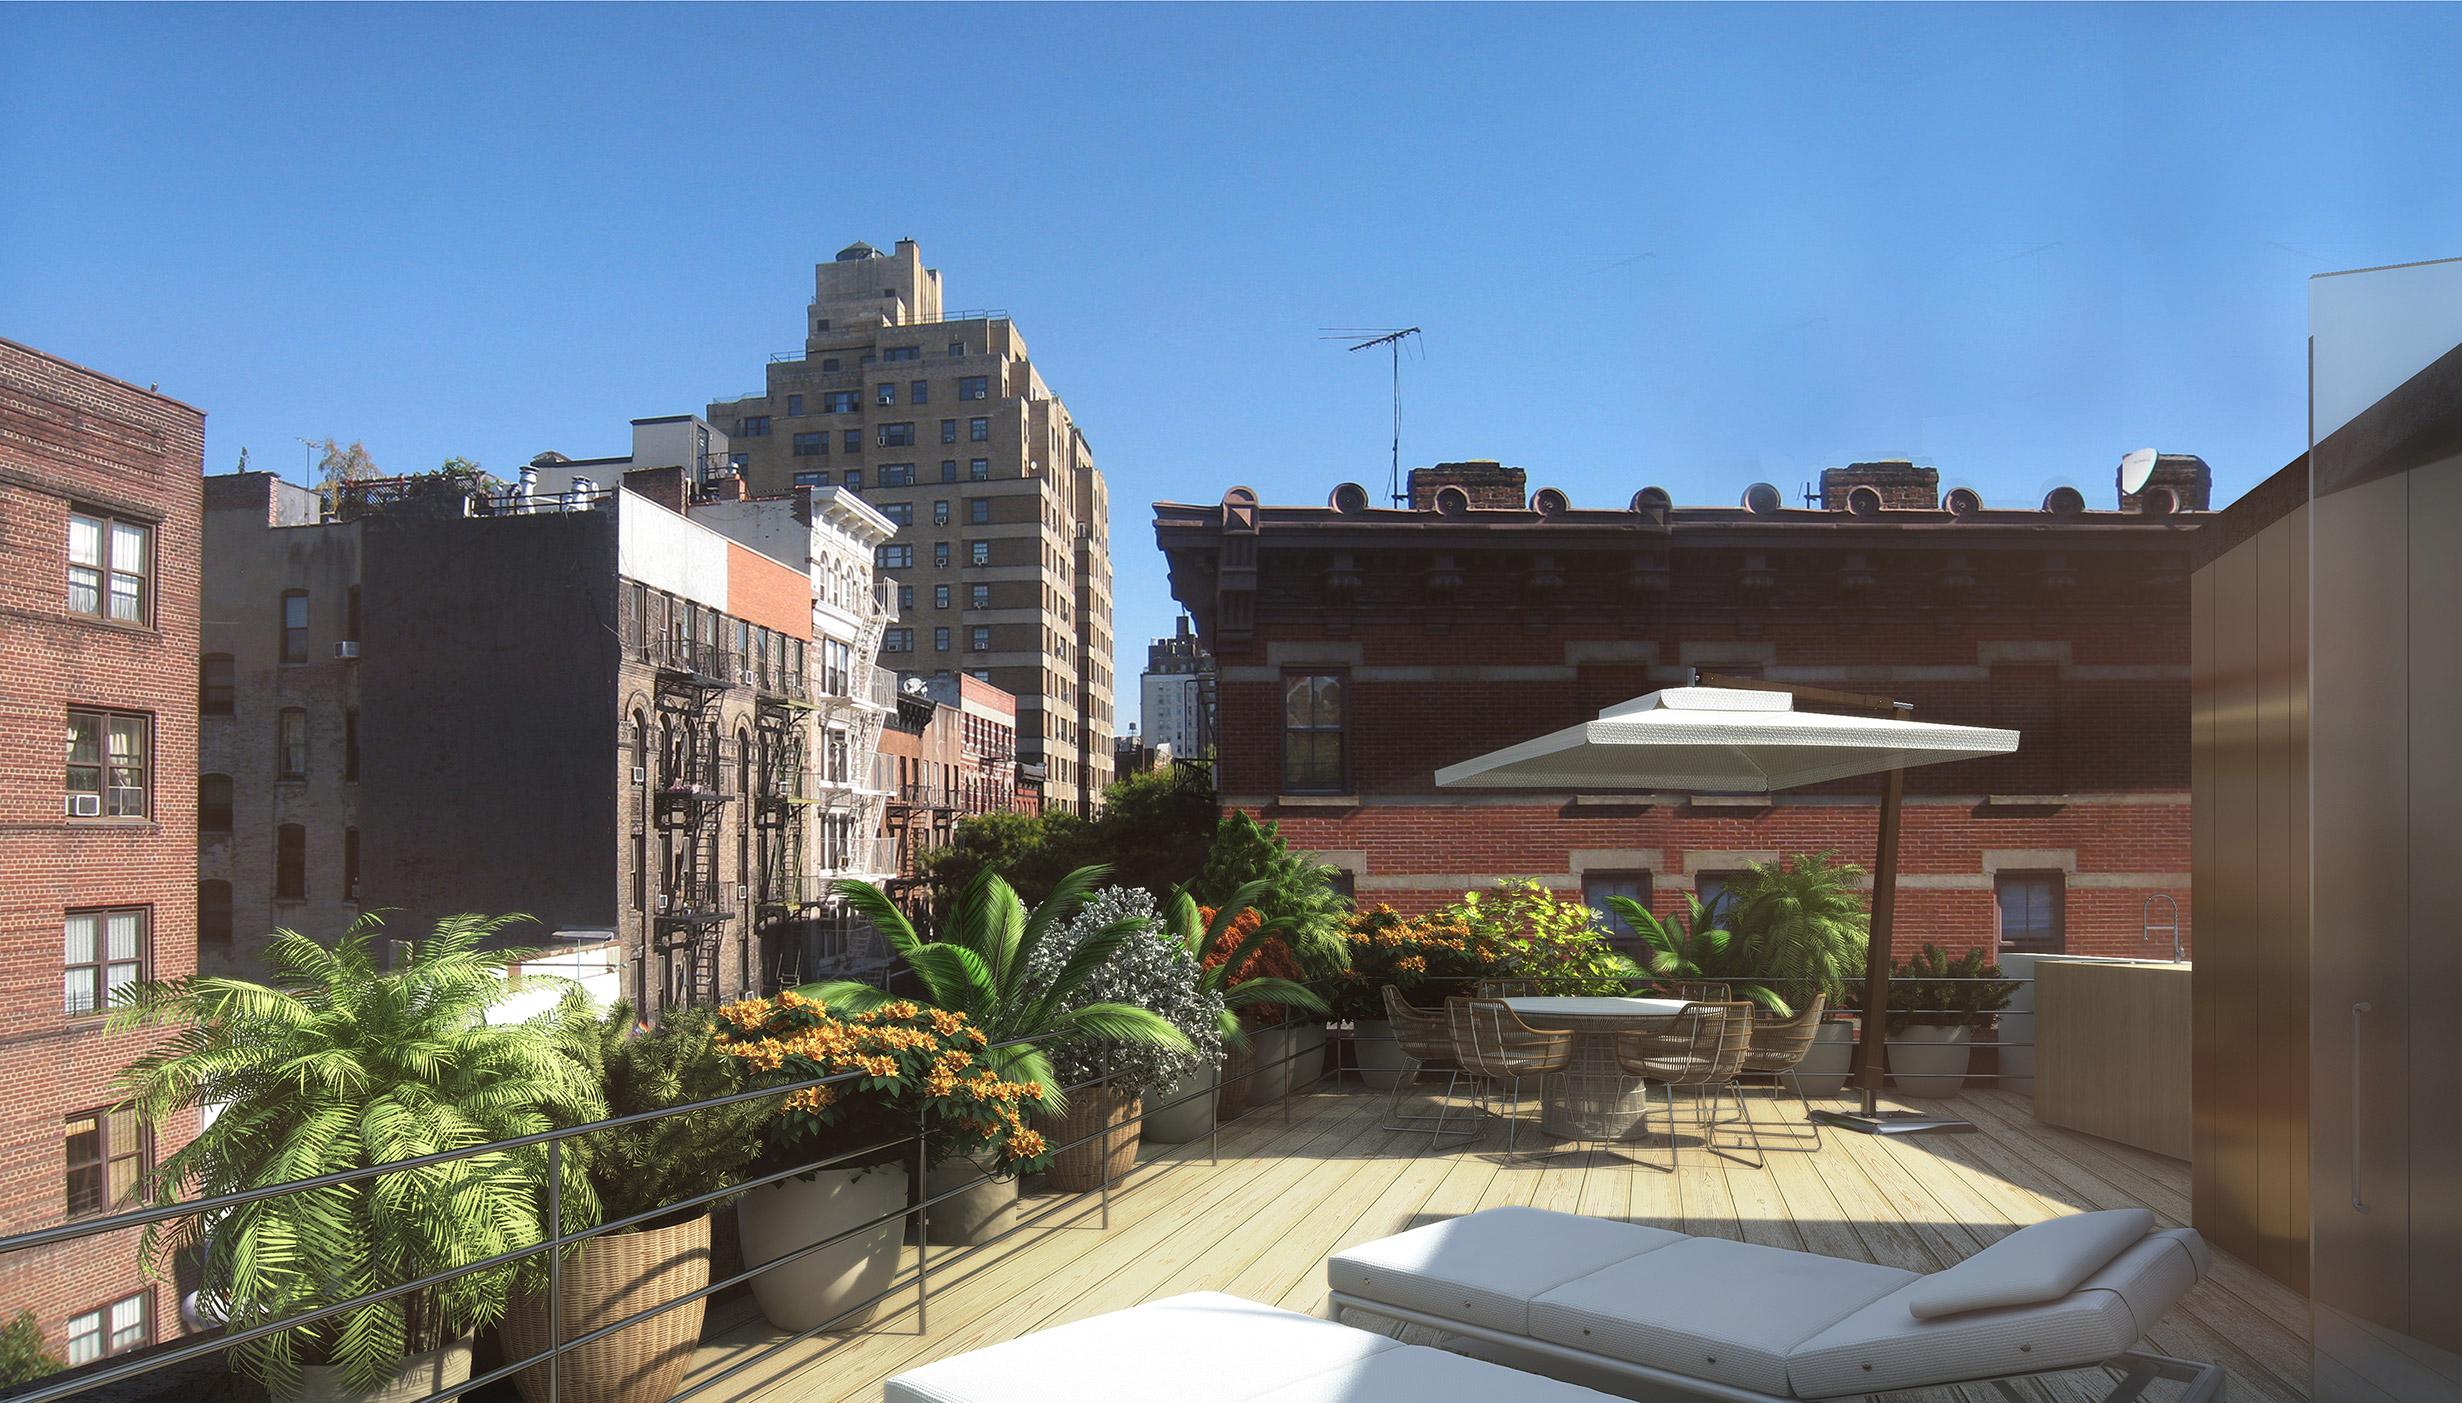 BedfordSt_007_roofGarden.jpg